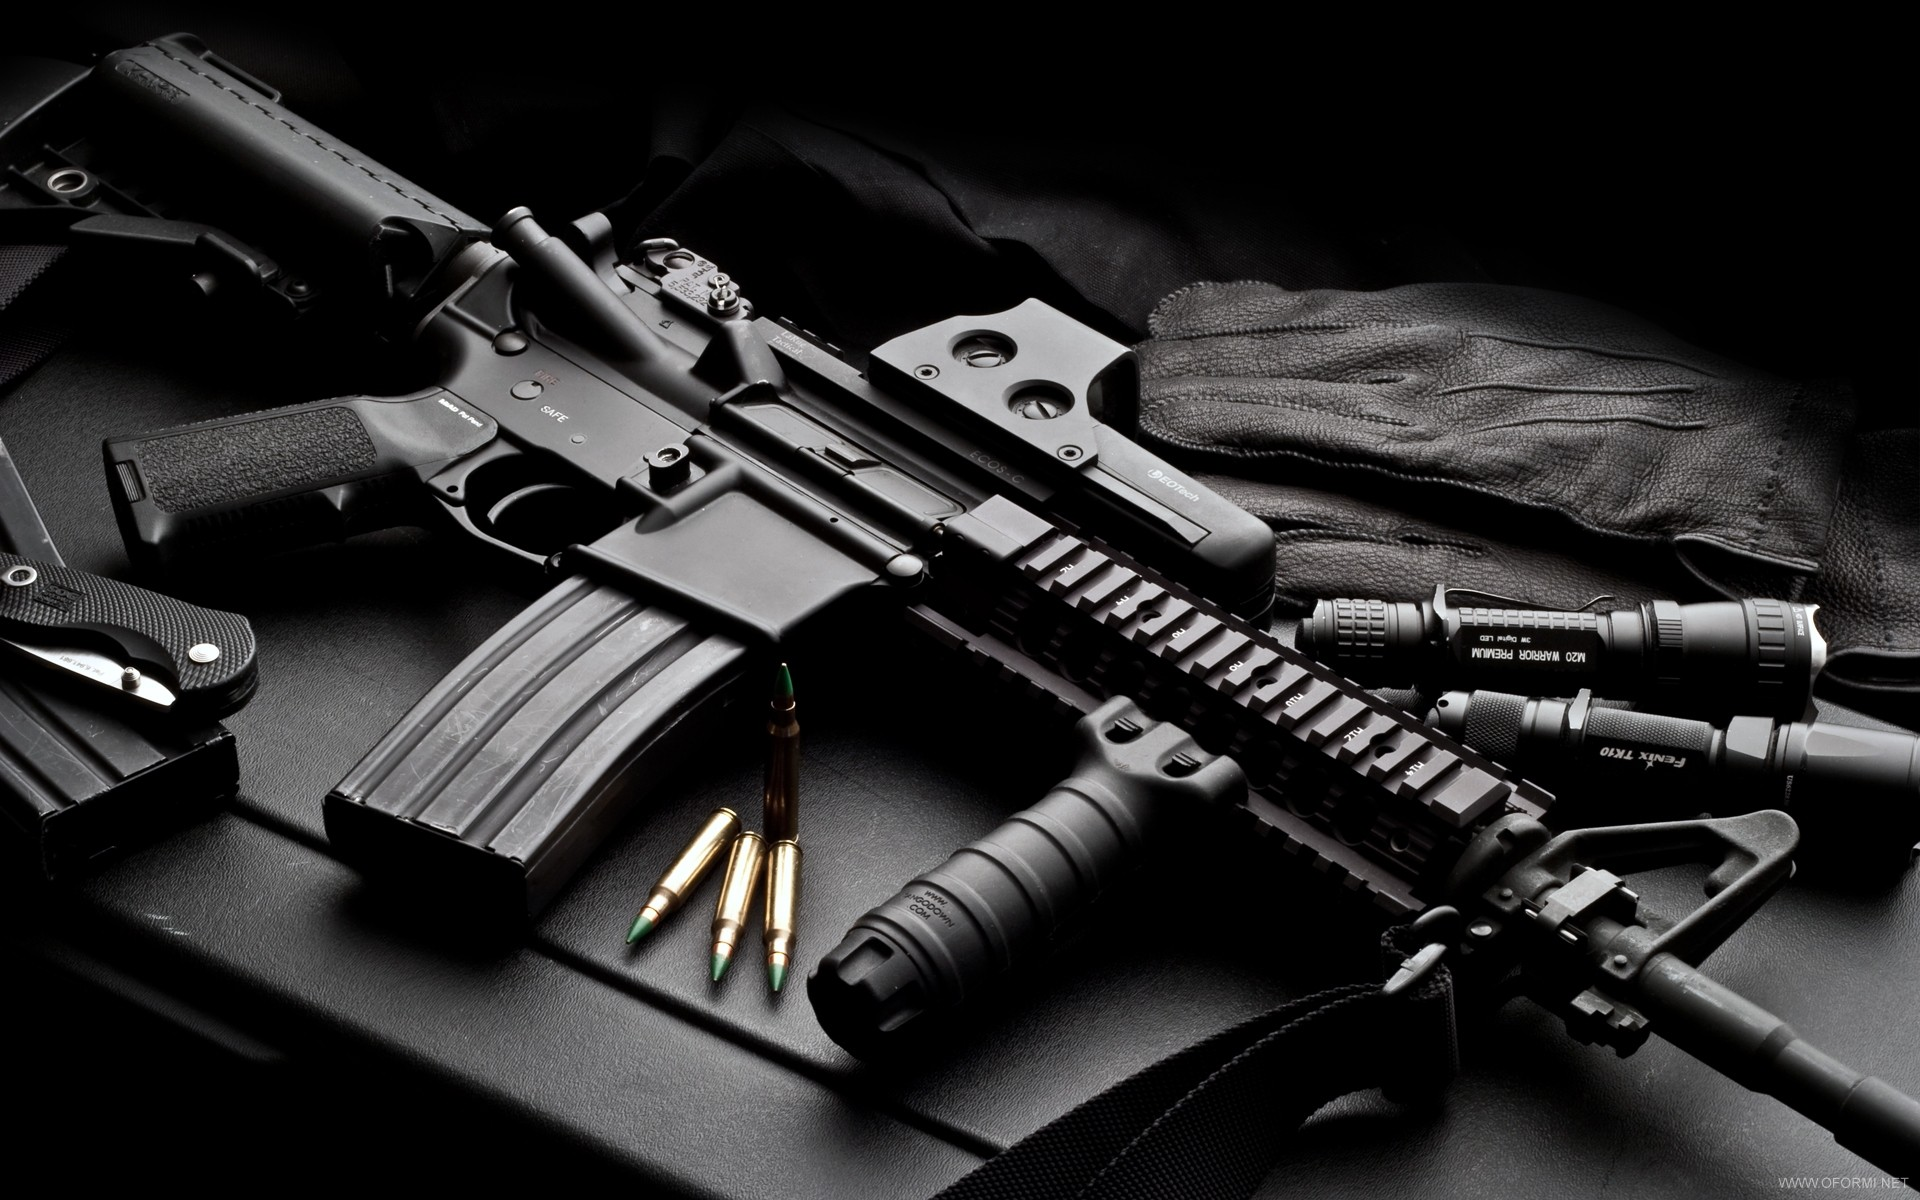 Рабочего стола оружие оружие оружие